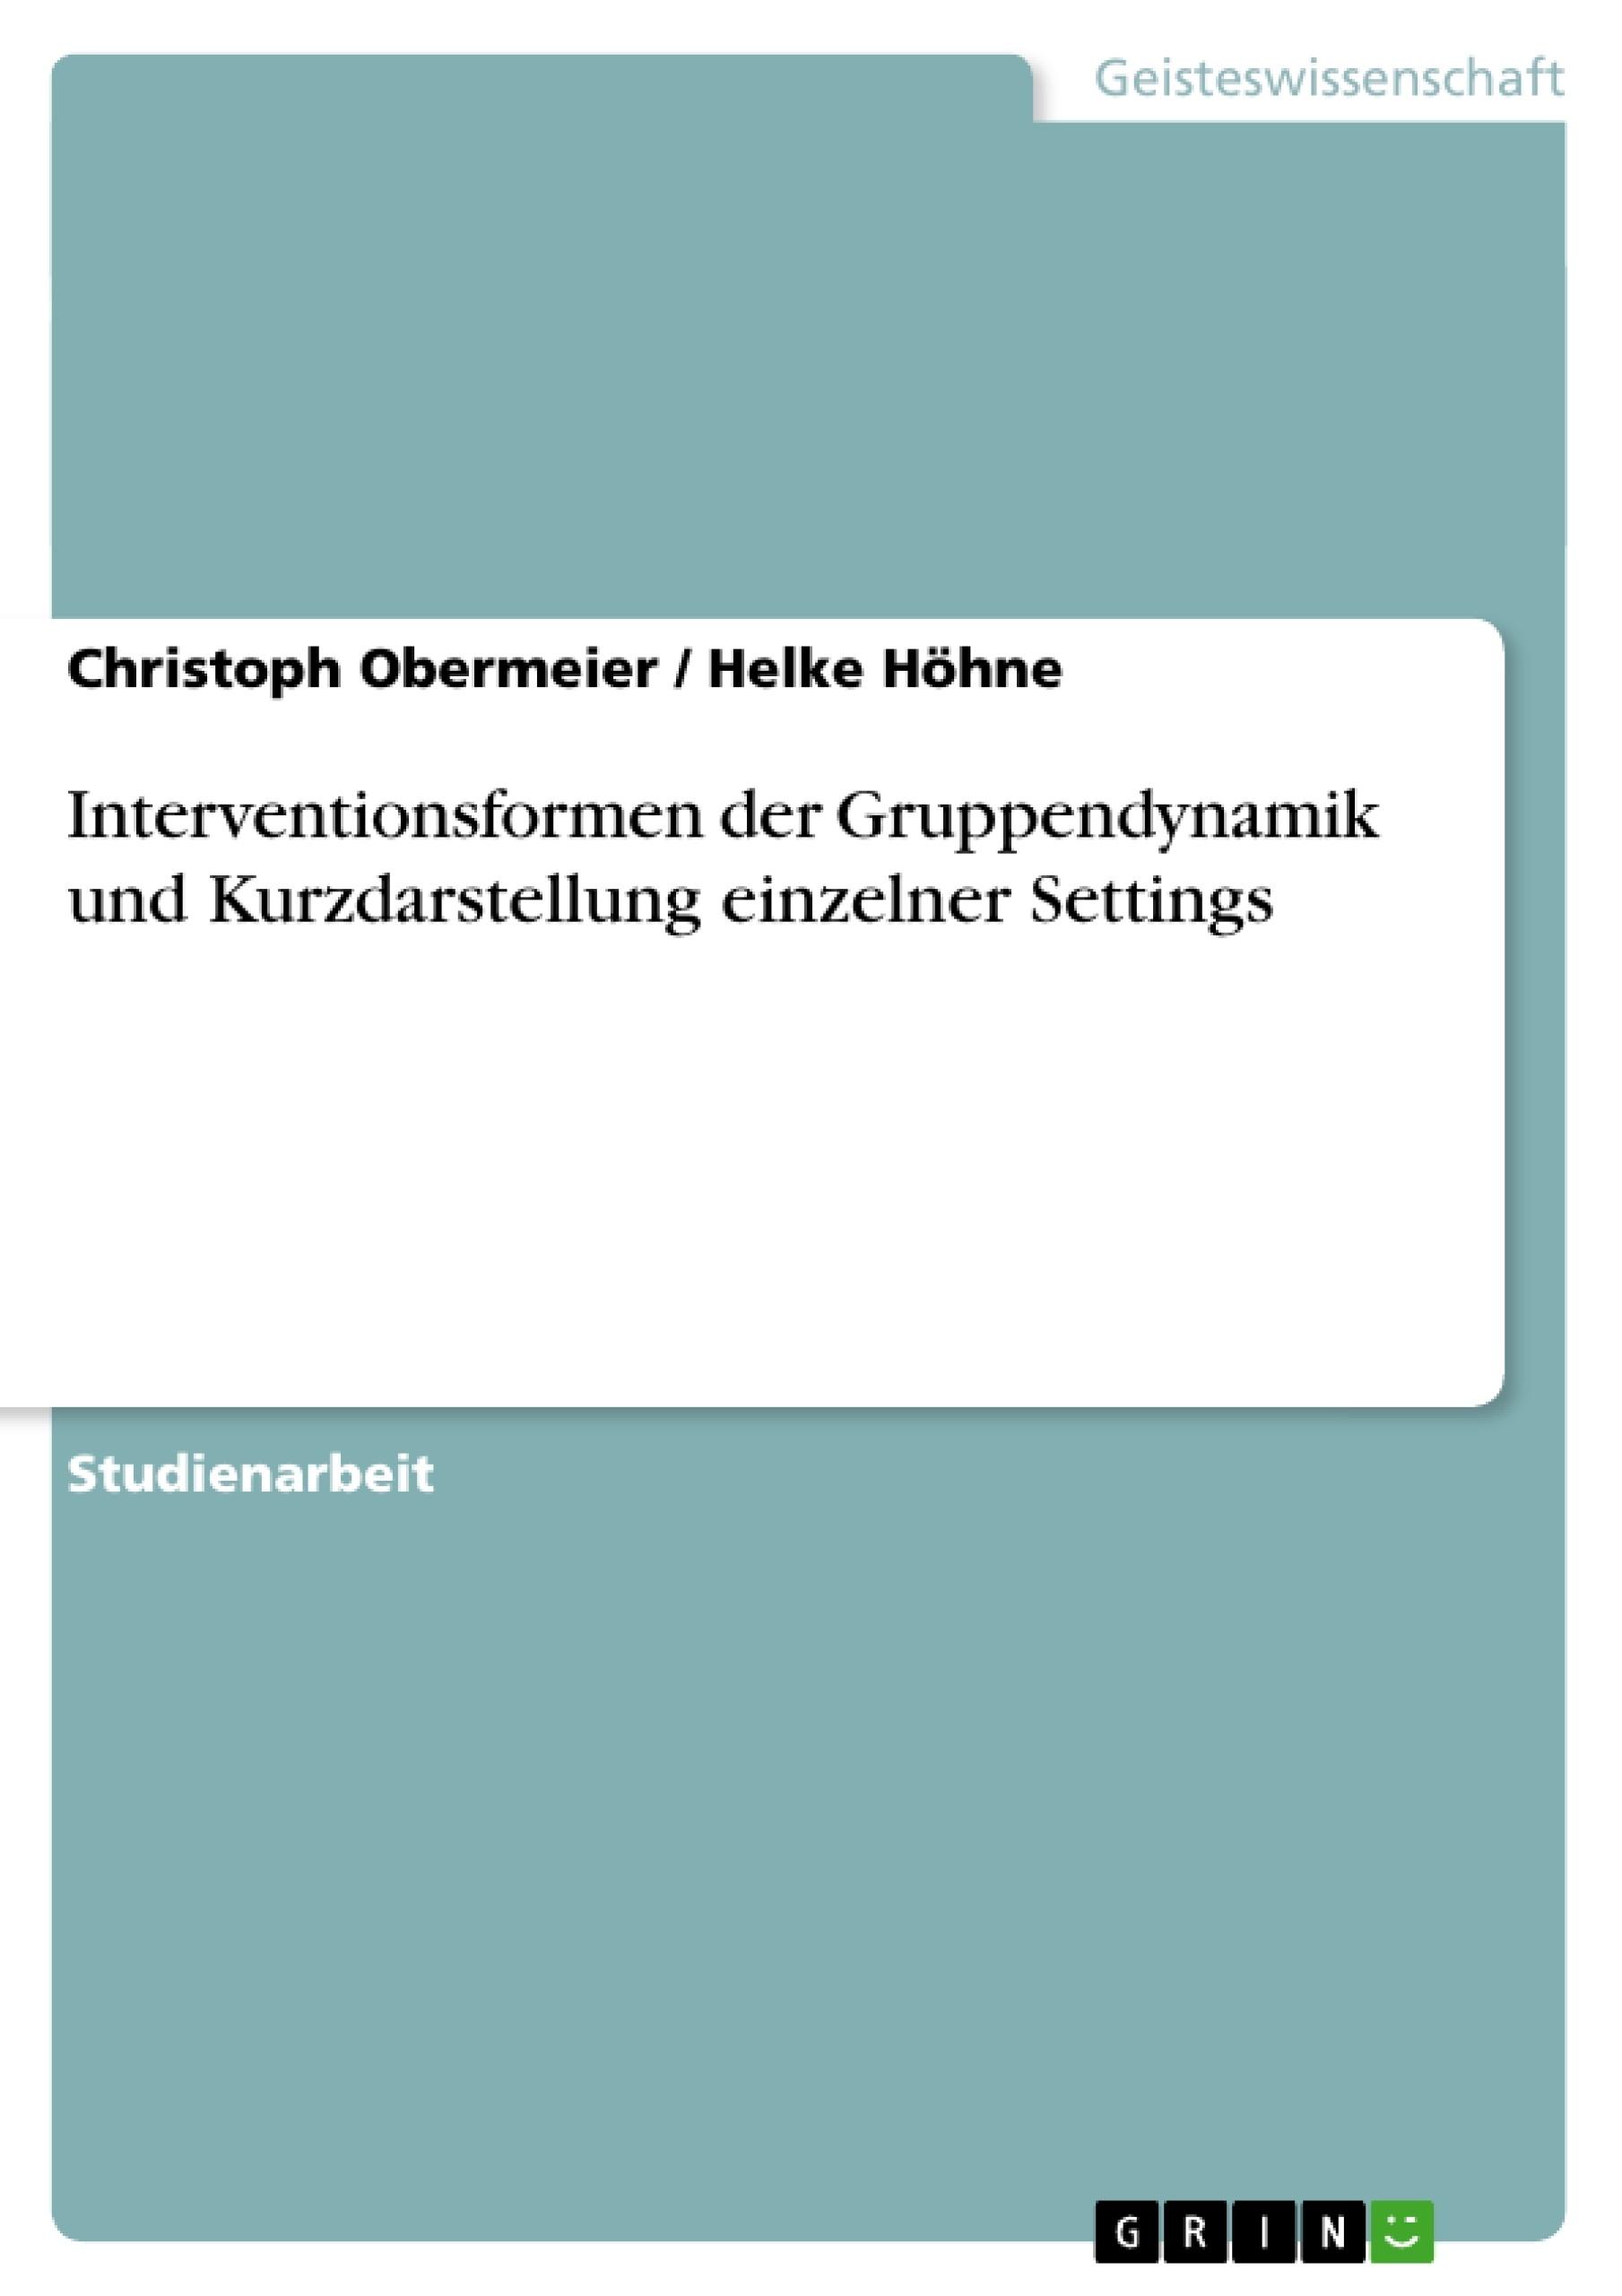 Titel: Interventionsformen der Gruppendynamik und Kurzdarstellung einzelner Settings